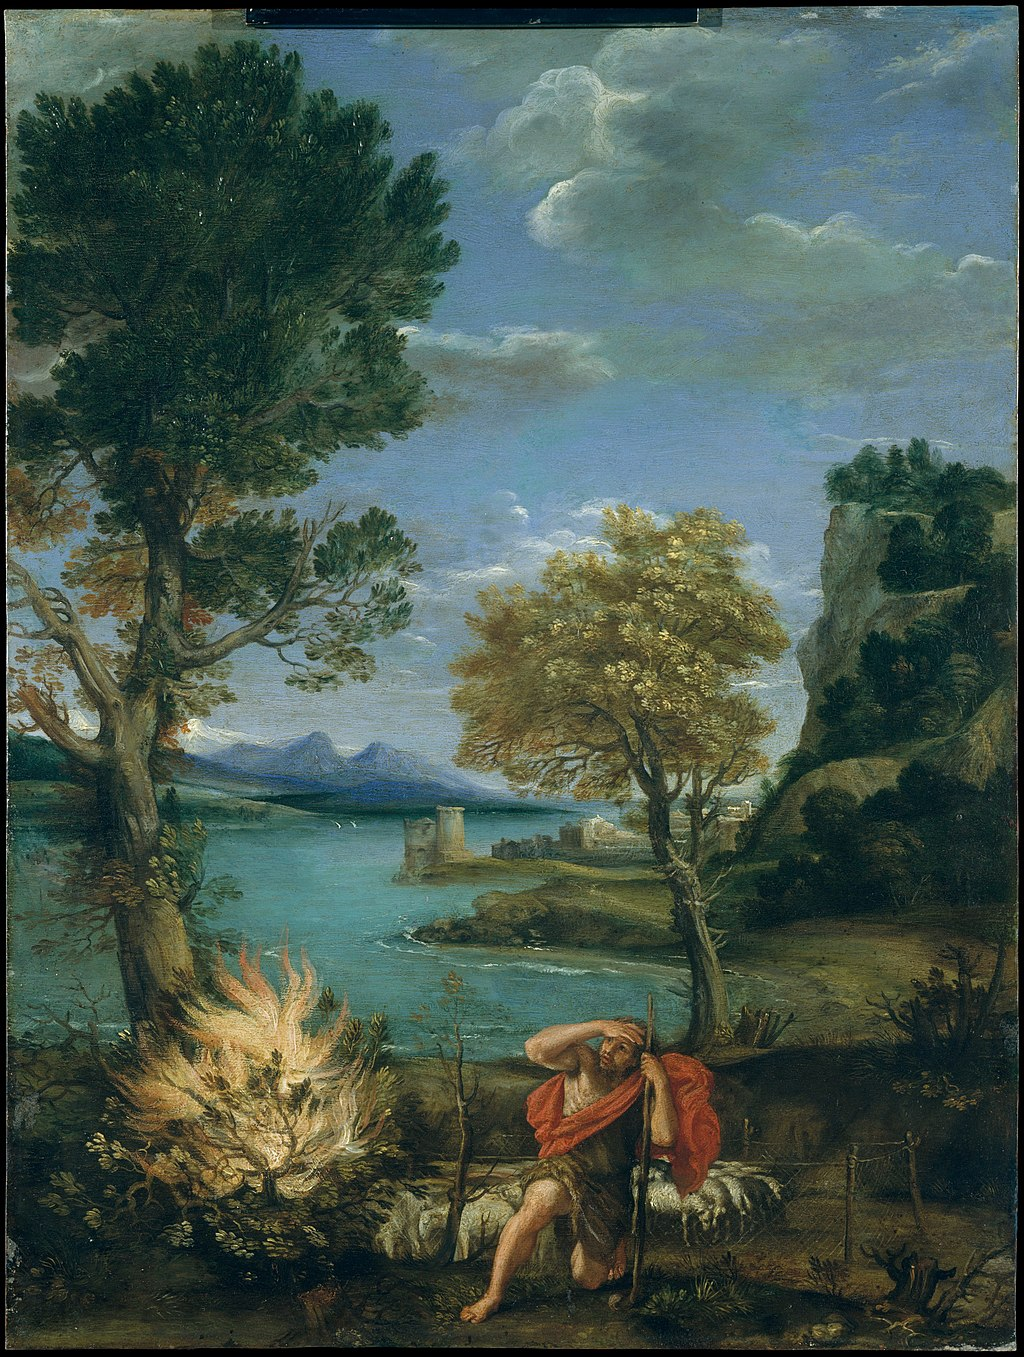 모세와 불타는 떨기나무의 모습 (도메니코 잠피에리, 1610~1616년)